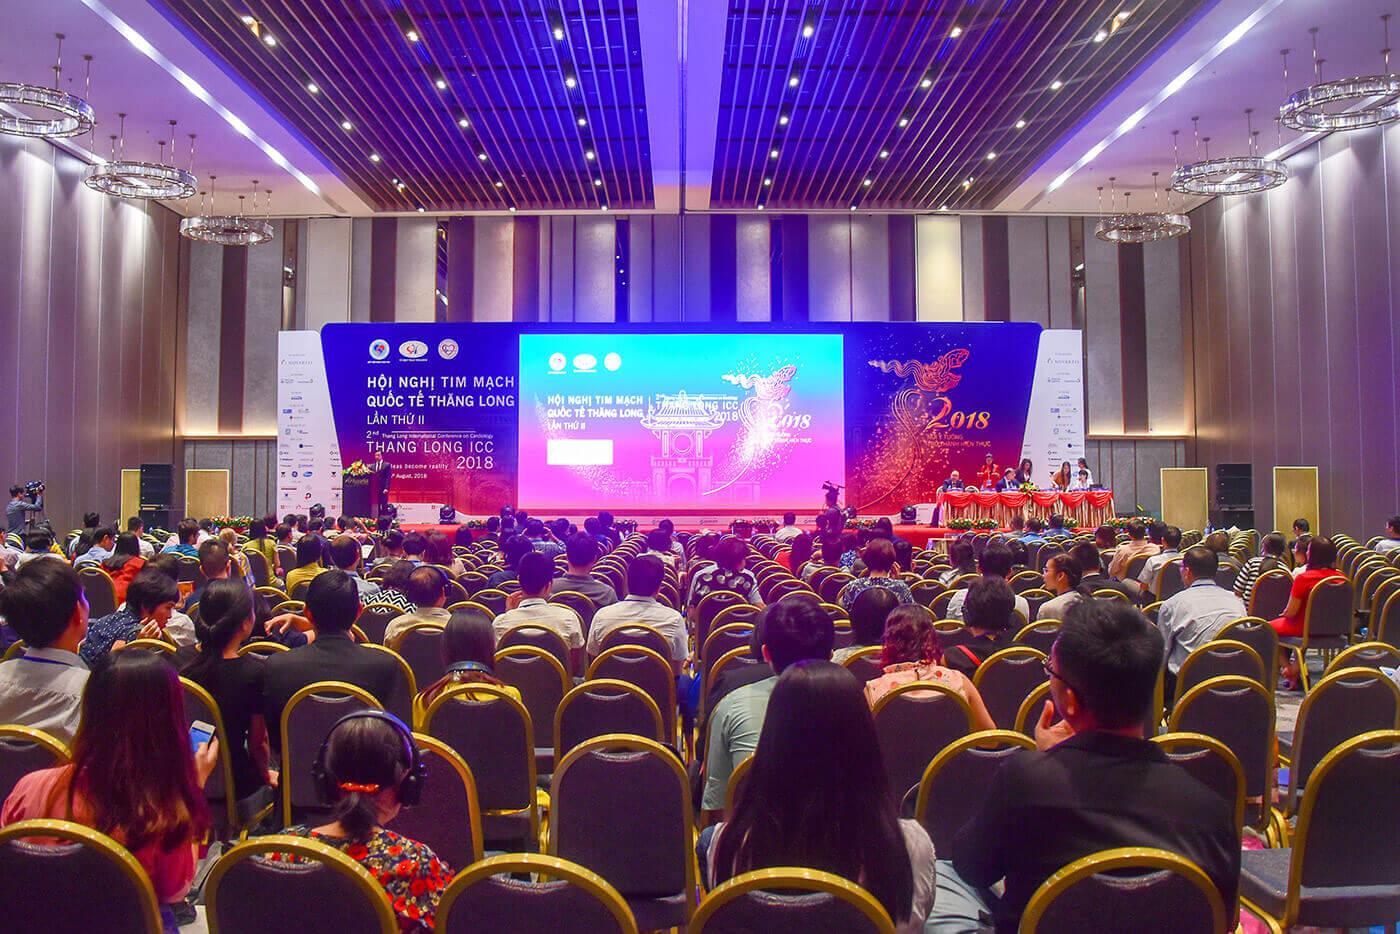 cho thuê thiết bị hội nghị tại Đà Nẵng